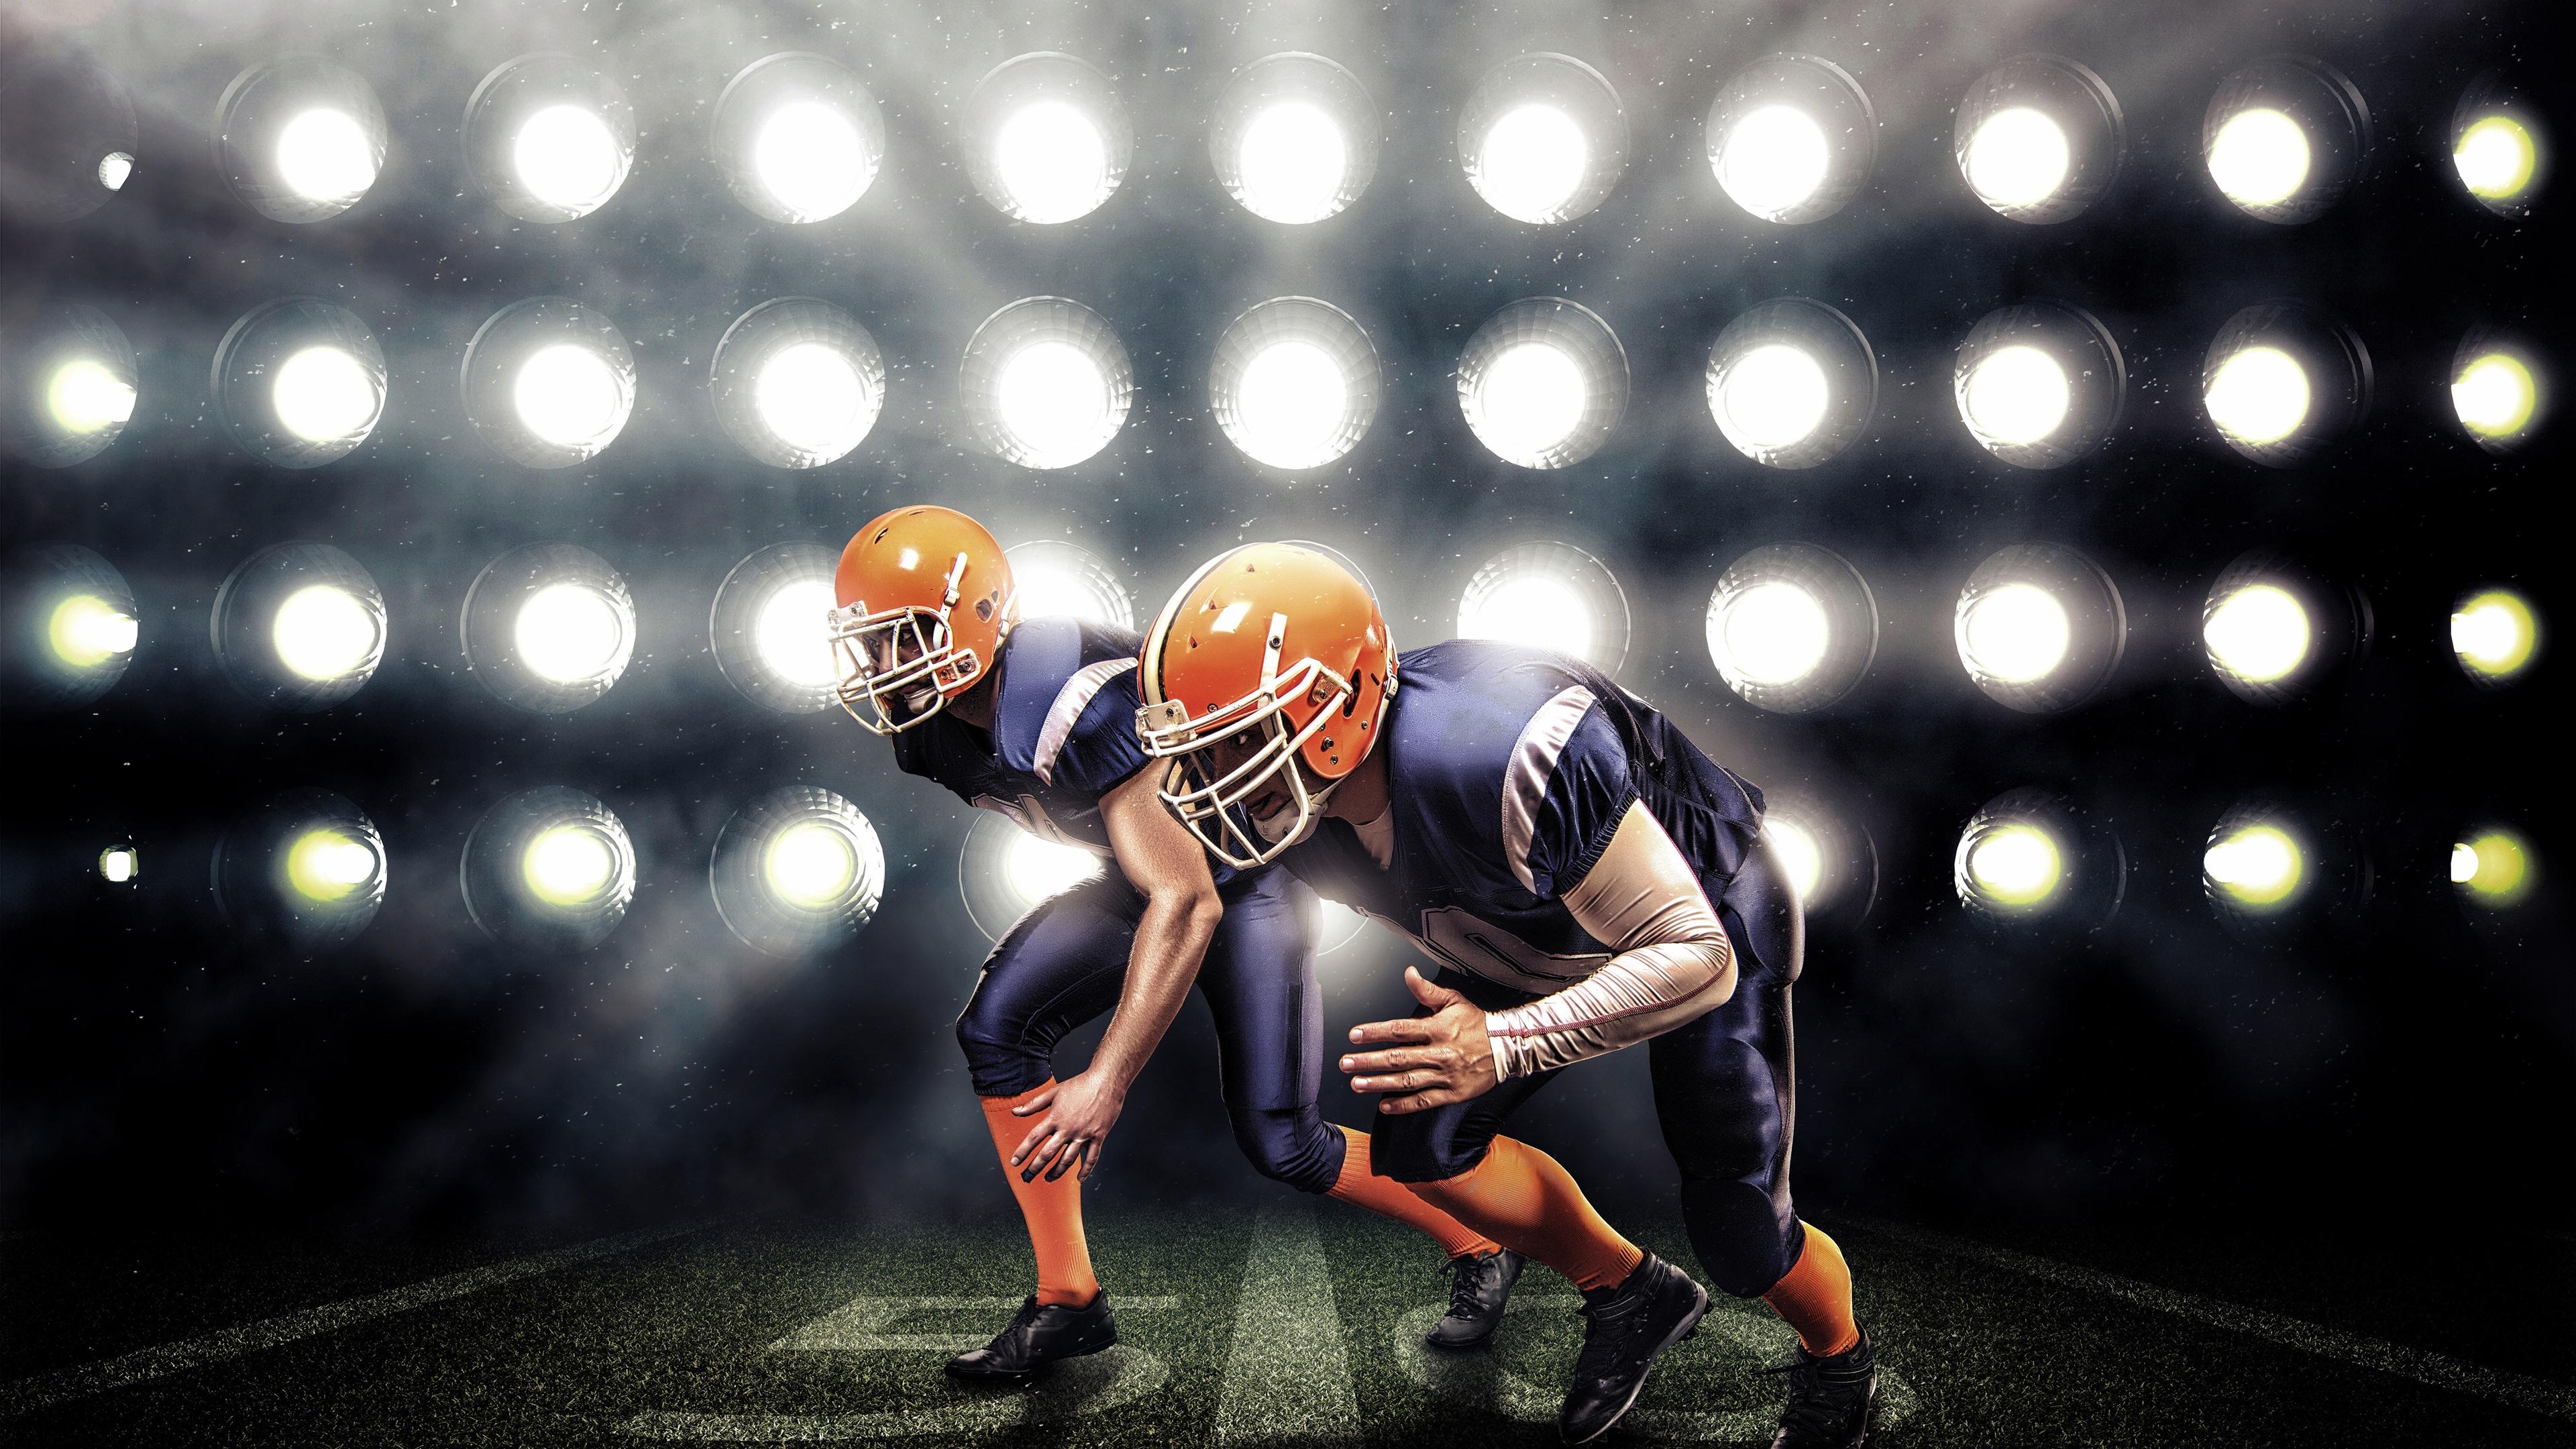 アメリカンフットボール アスリート 帽子 スポーツ 1242x2688